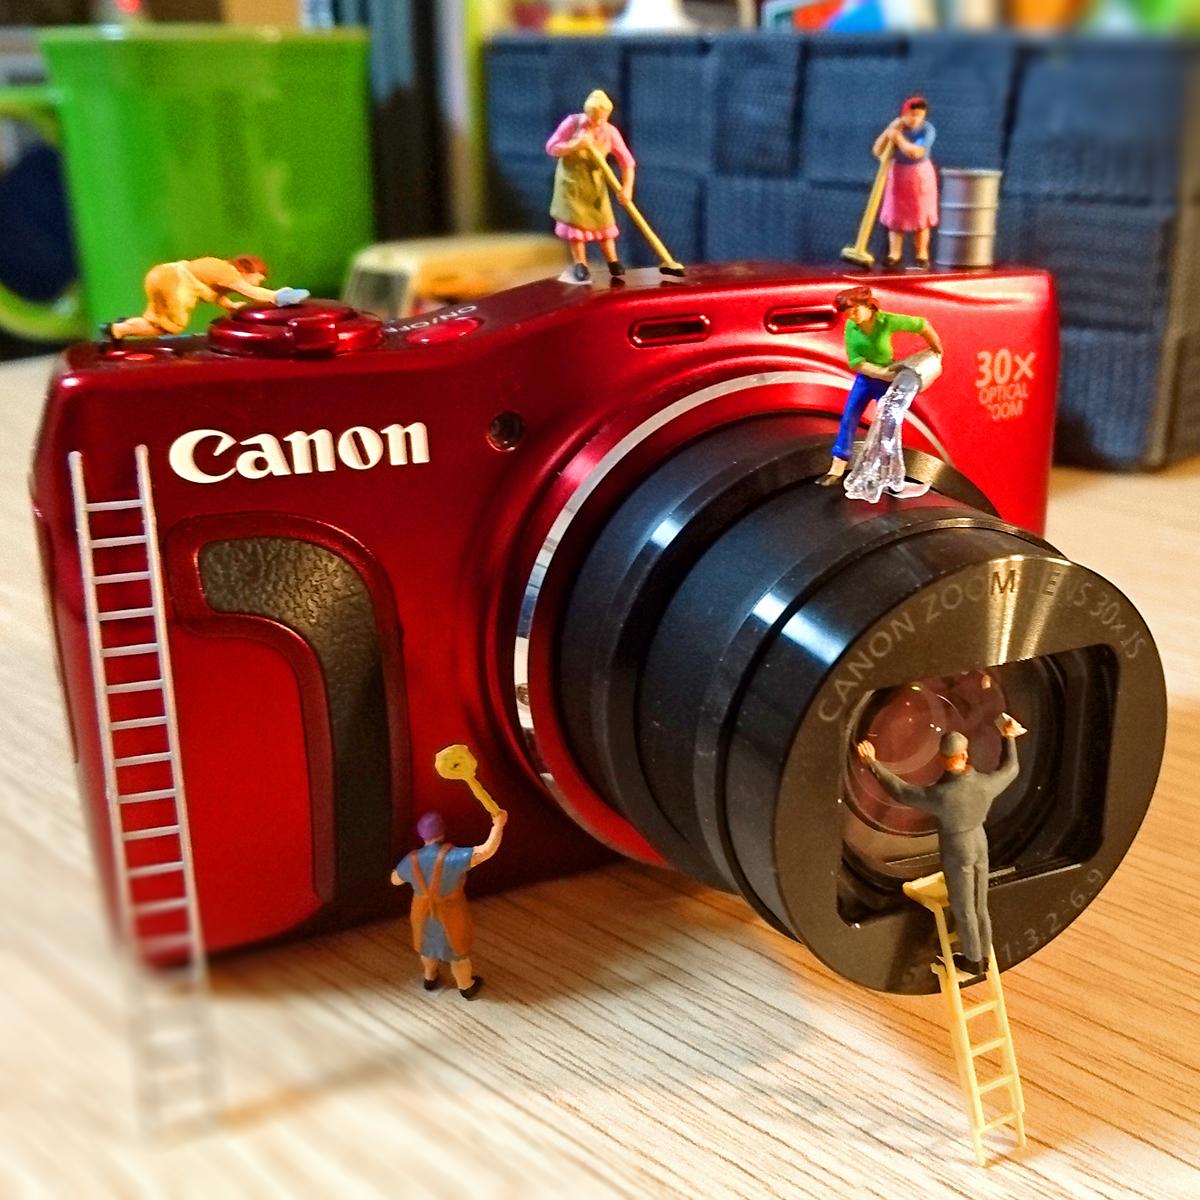 ジオラマ撮影に愛用してるカメラを掃除する清掃員たち